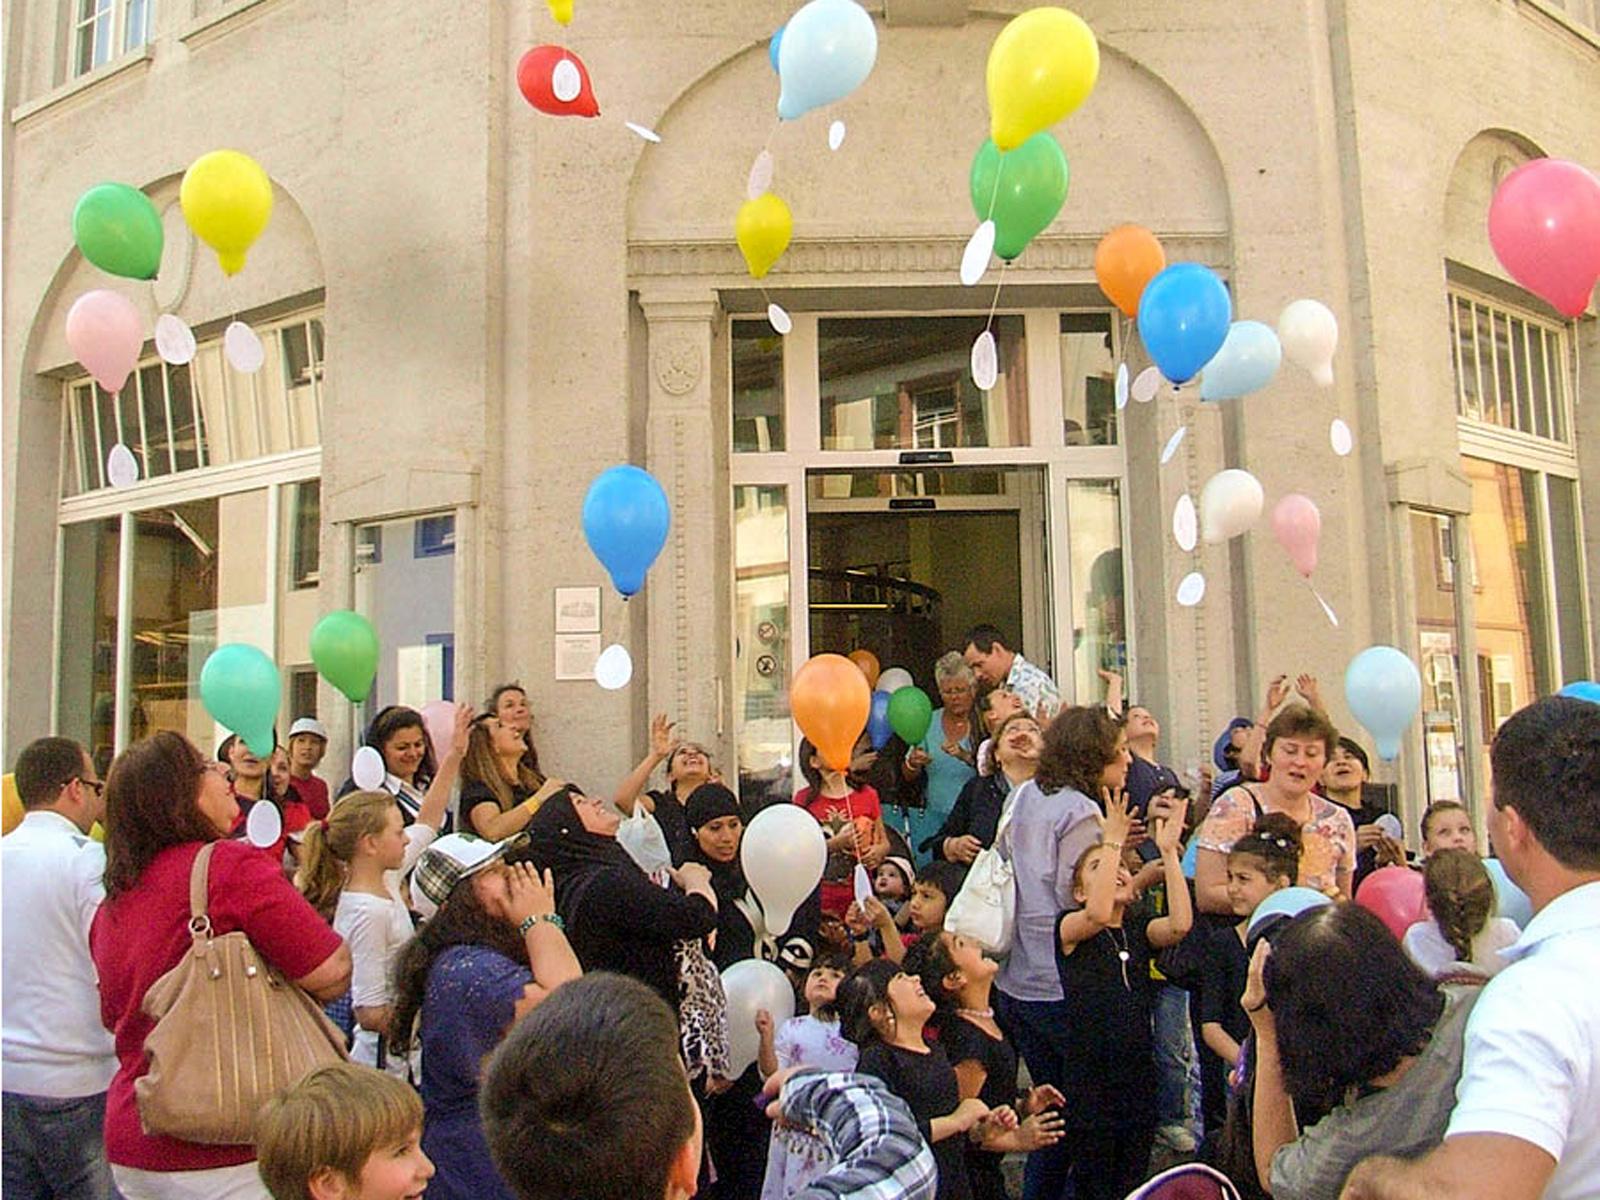 Luftballon-Aktion vor der Stadtbibliothek